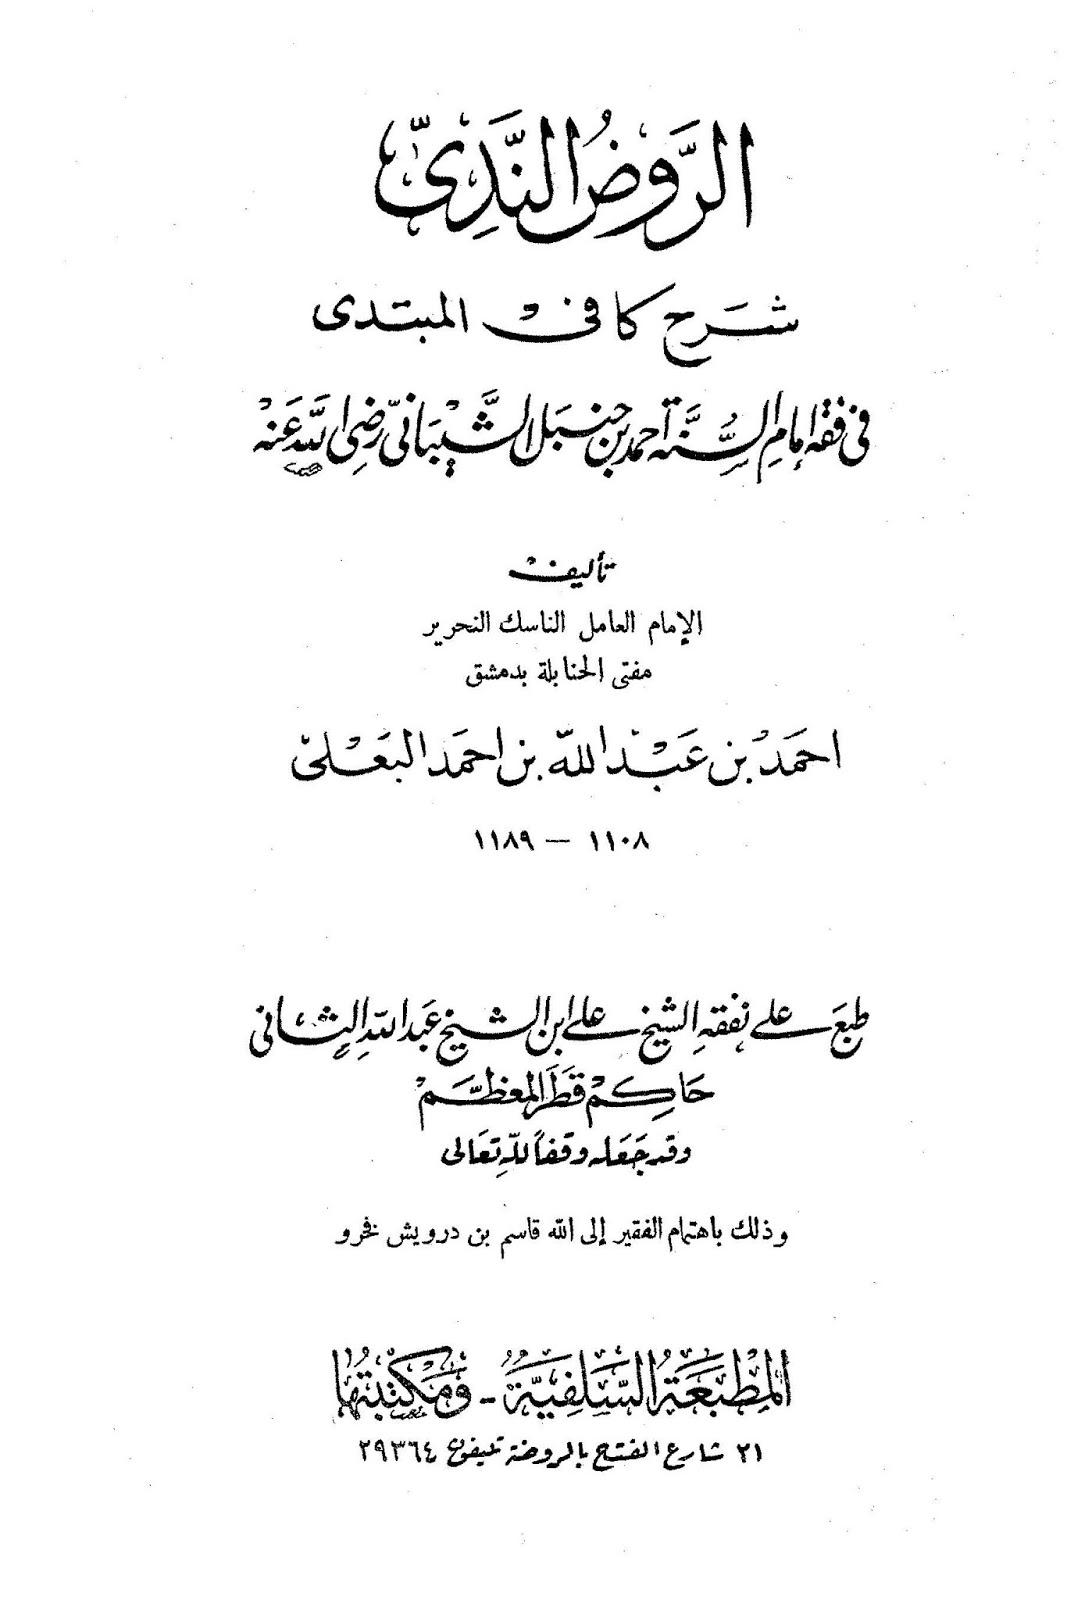 الرّوض الندي شرح كافي المبتدي في فقه إمام السنة أحمد بن حنبل - أحمد البعلي pdf